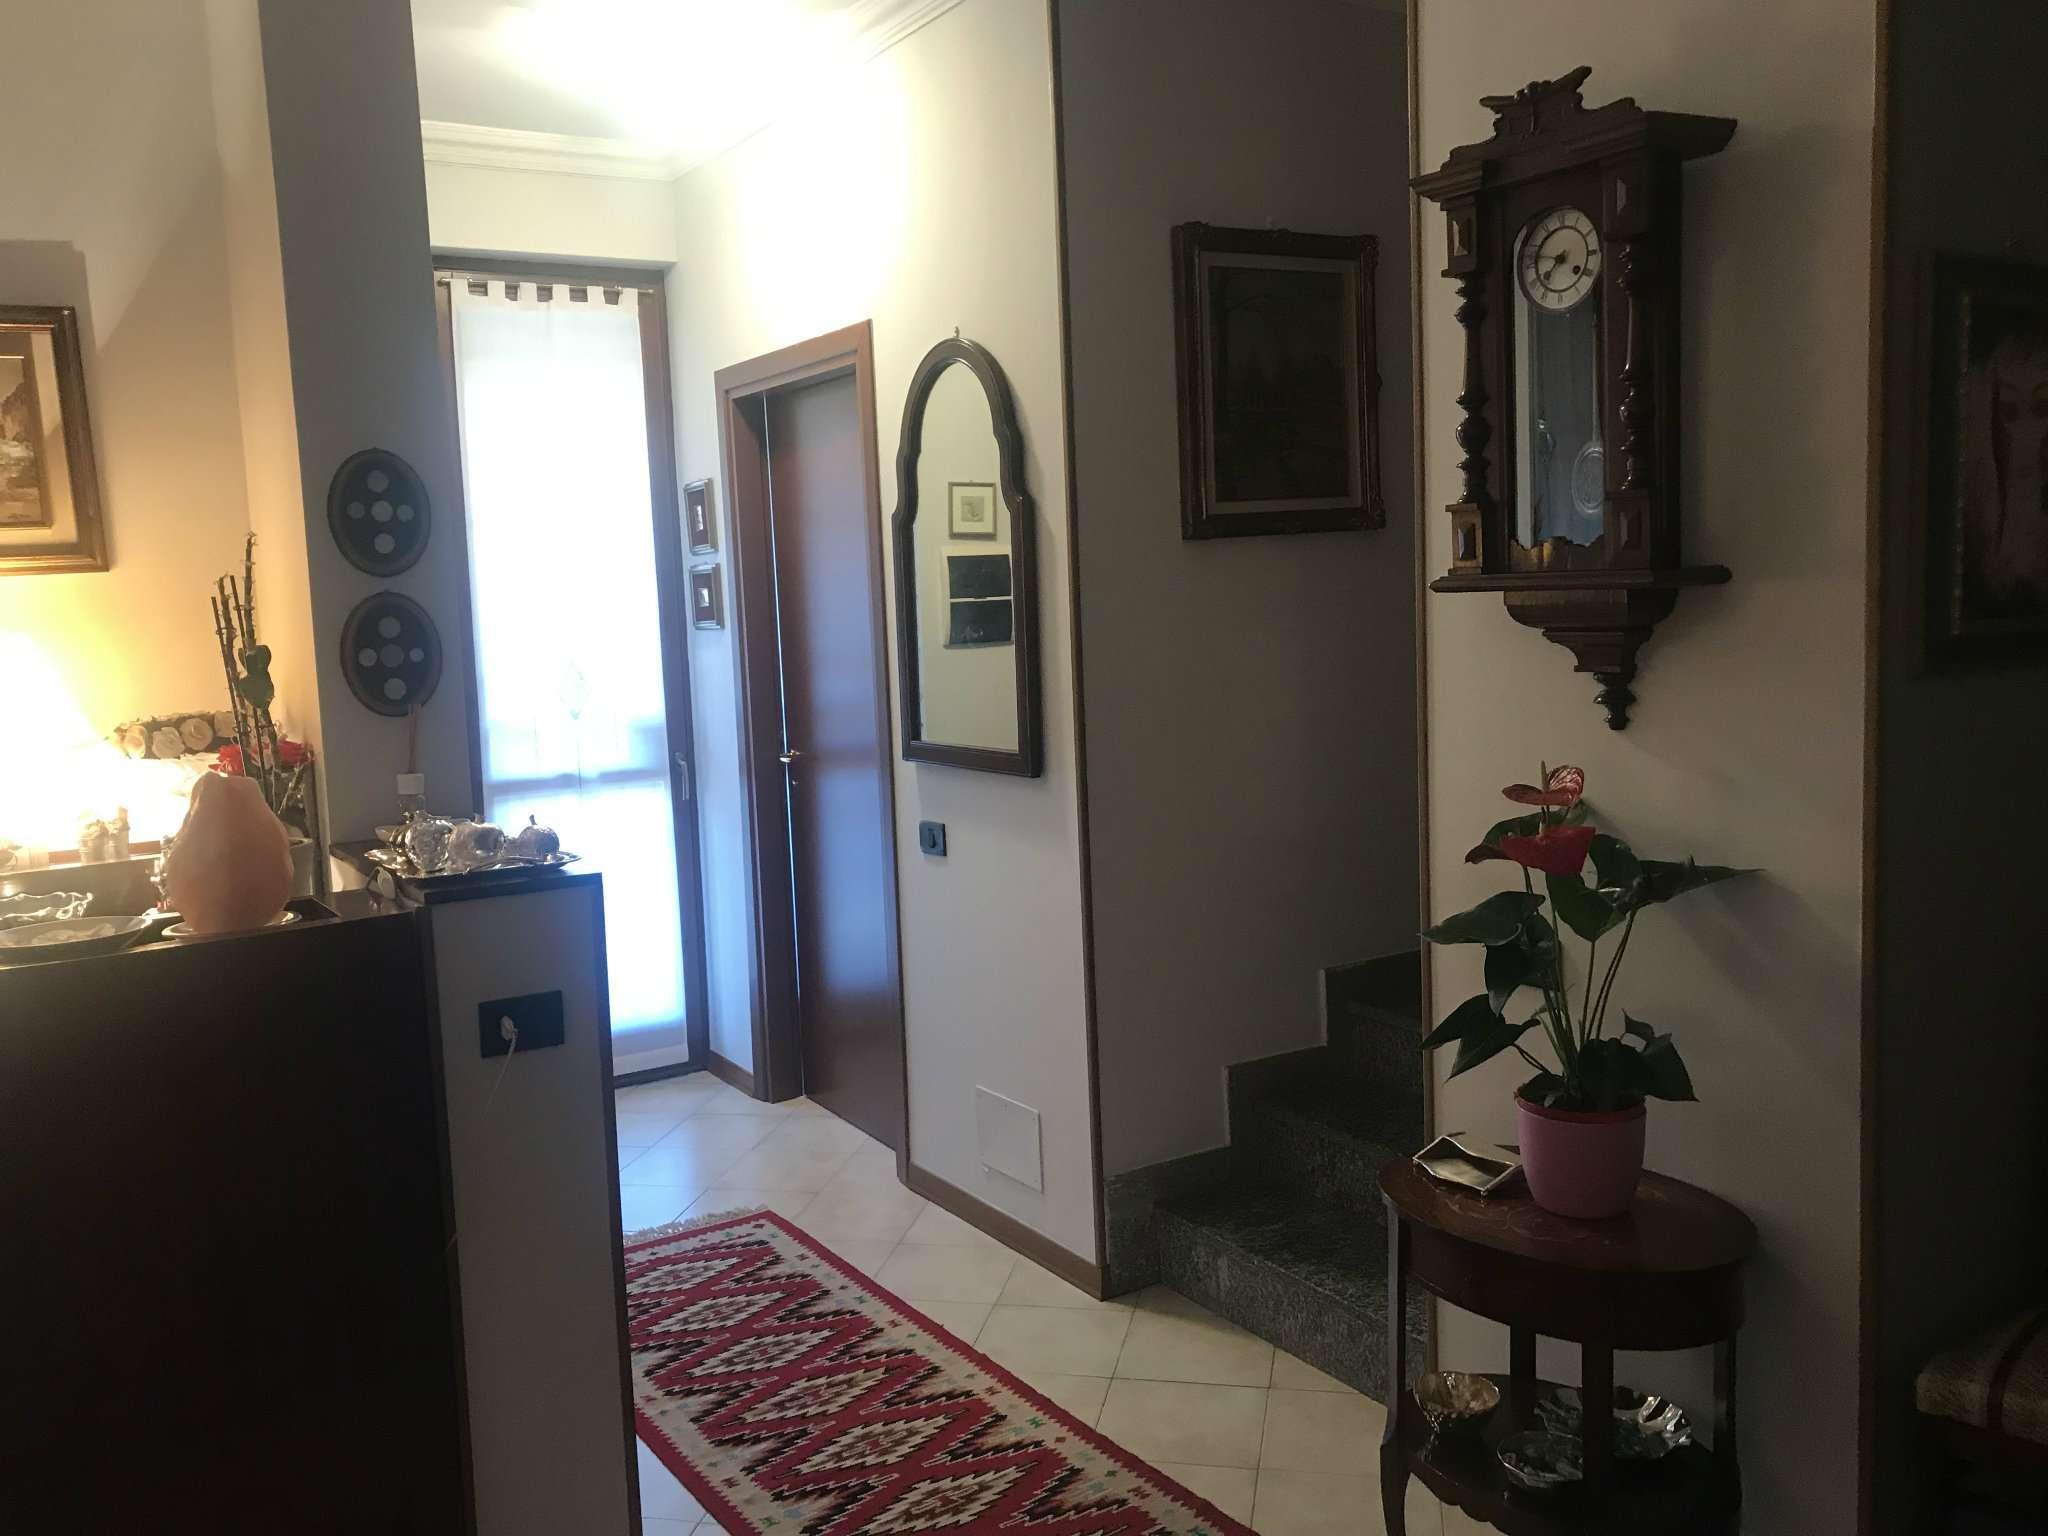 Villa in Vendita a Rozzano Centro: 5 locali, 170 mq